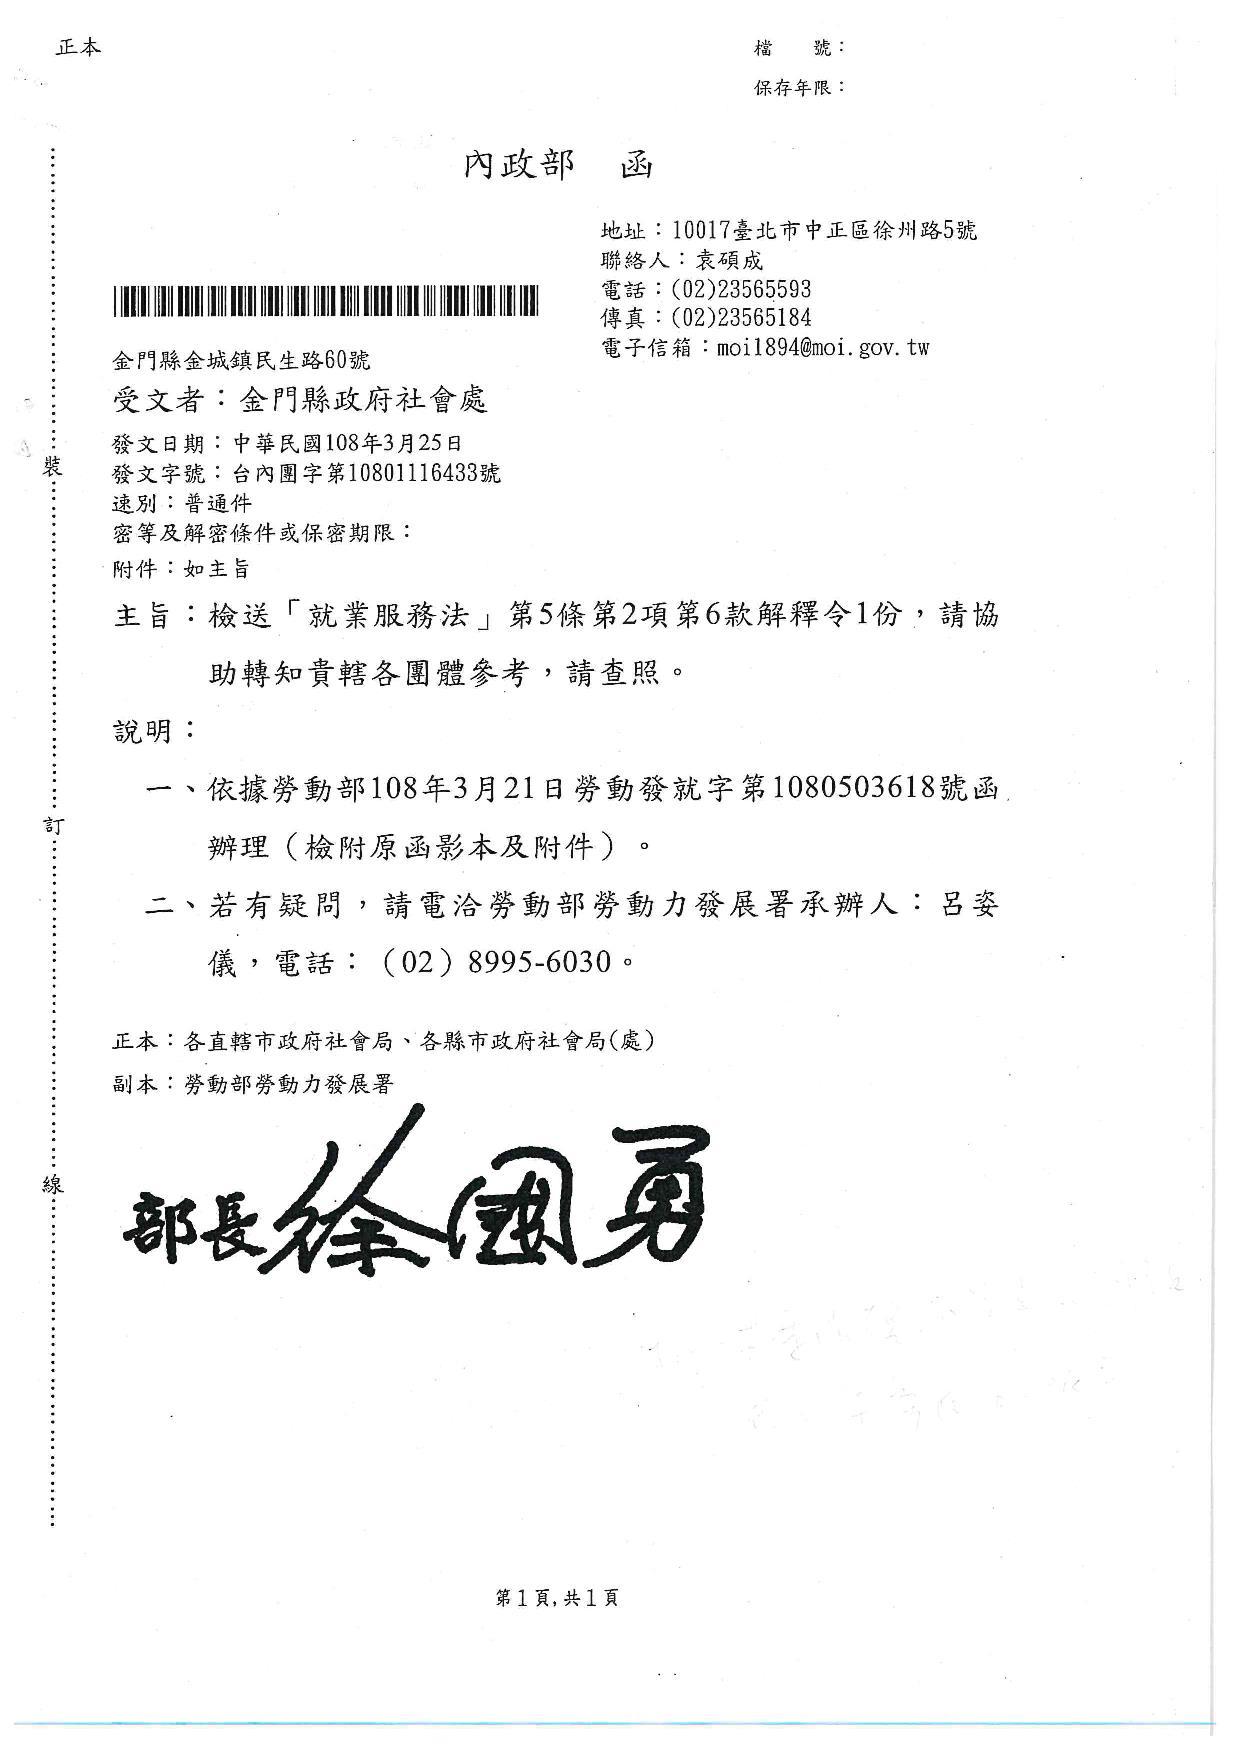 內政部就業服務法公告